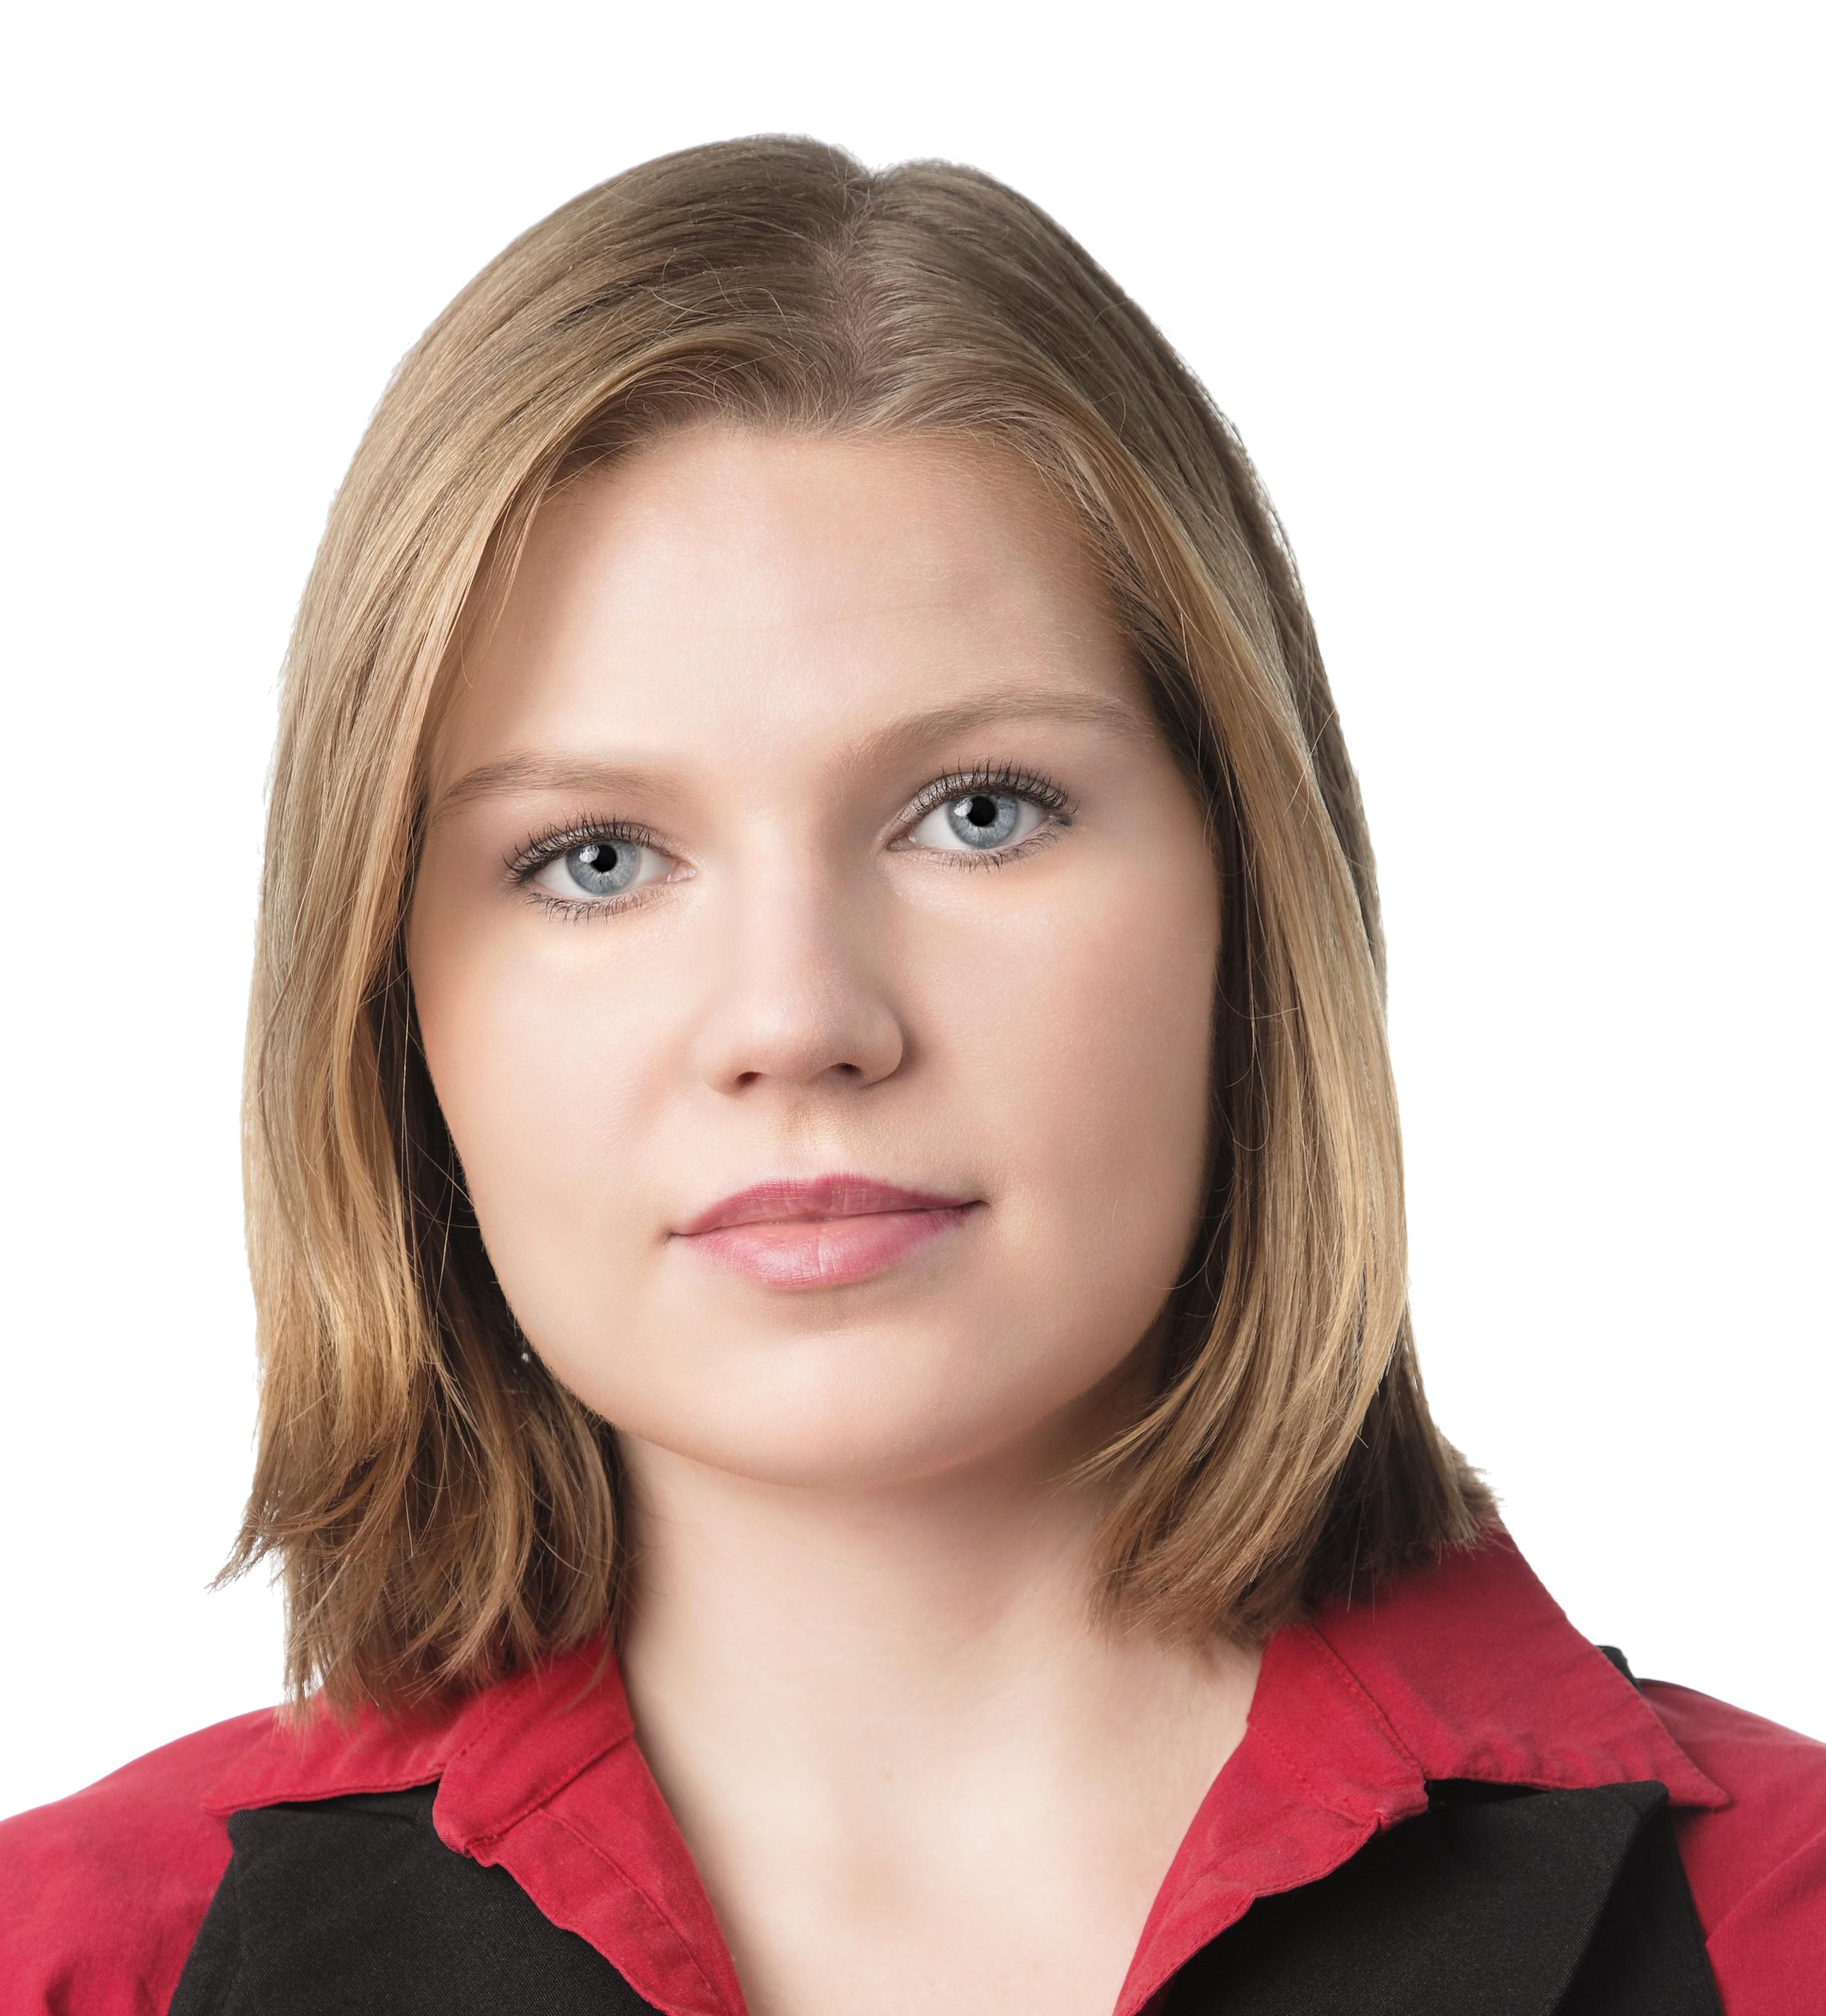 Sahra Mirow ist Stadträtin und tritt bei der Landtagswahl für die LINKE an. Bild: Sahra Mirow